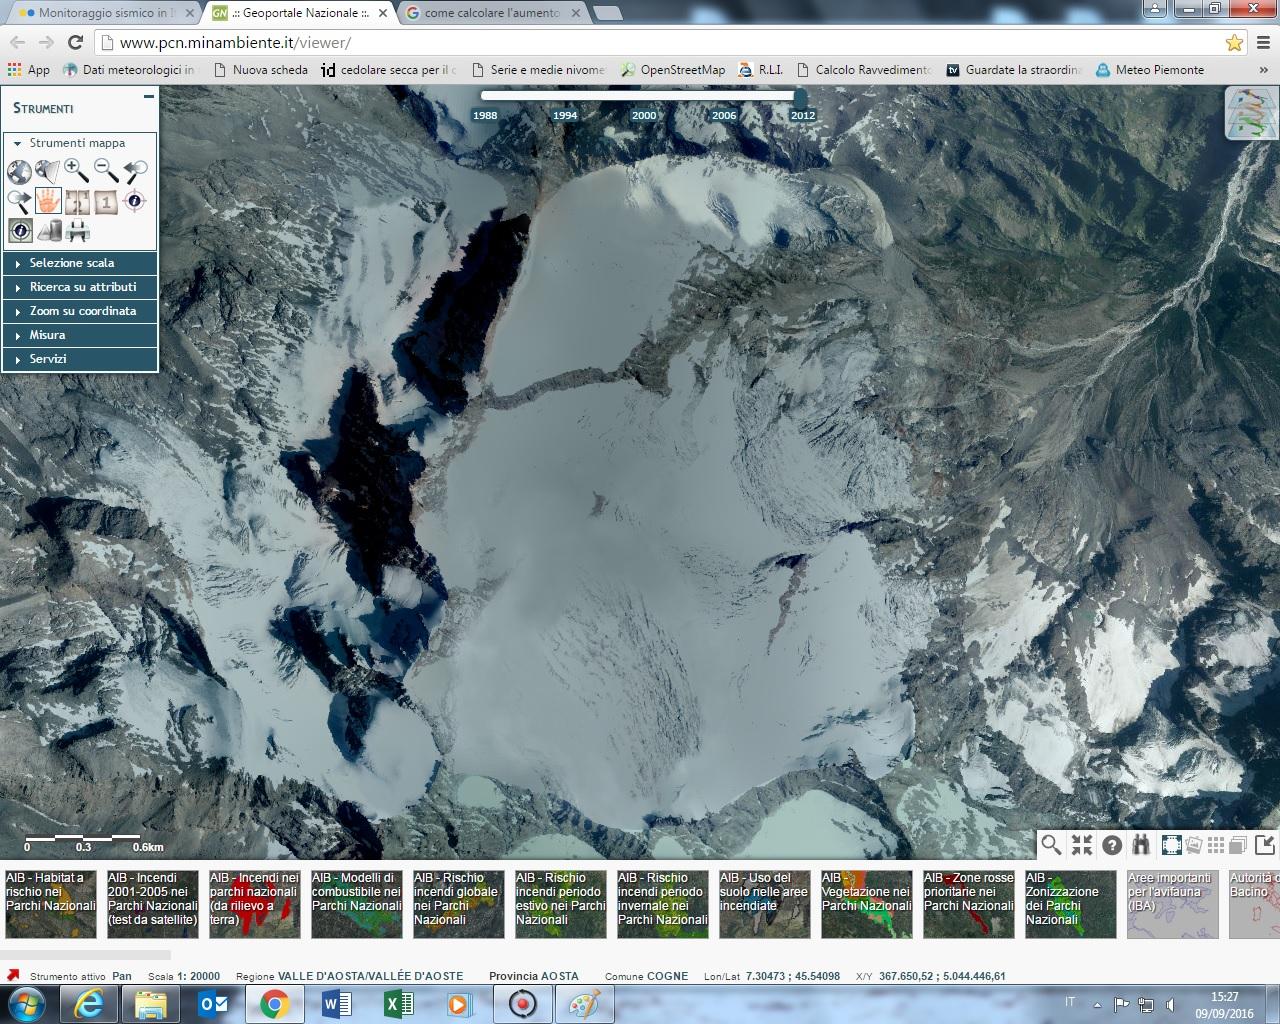 Il ritiro dei ghiacciai in Italia e nel mondo: qui i confronti-granpa-2012.jpg